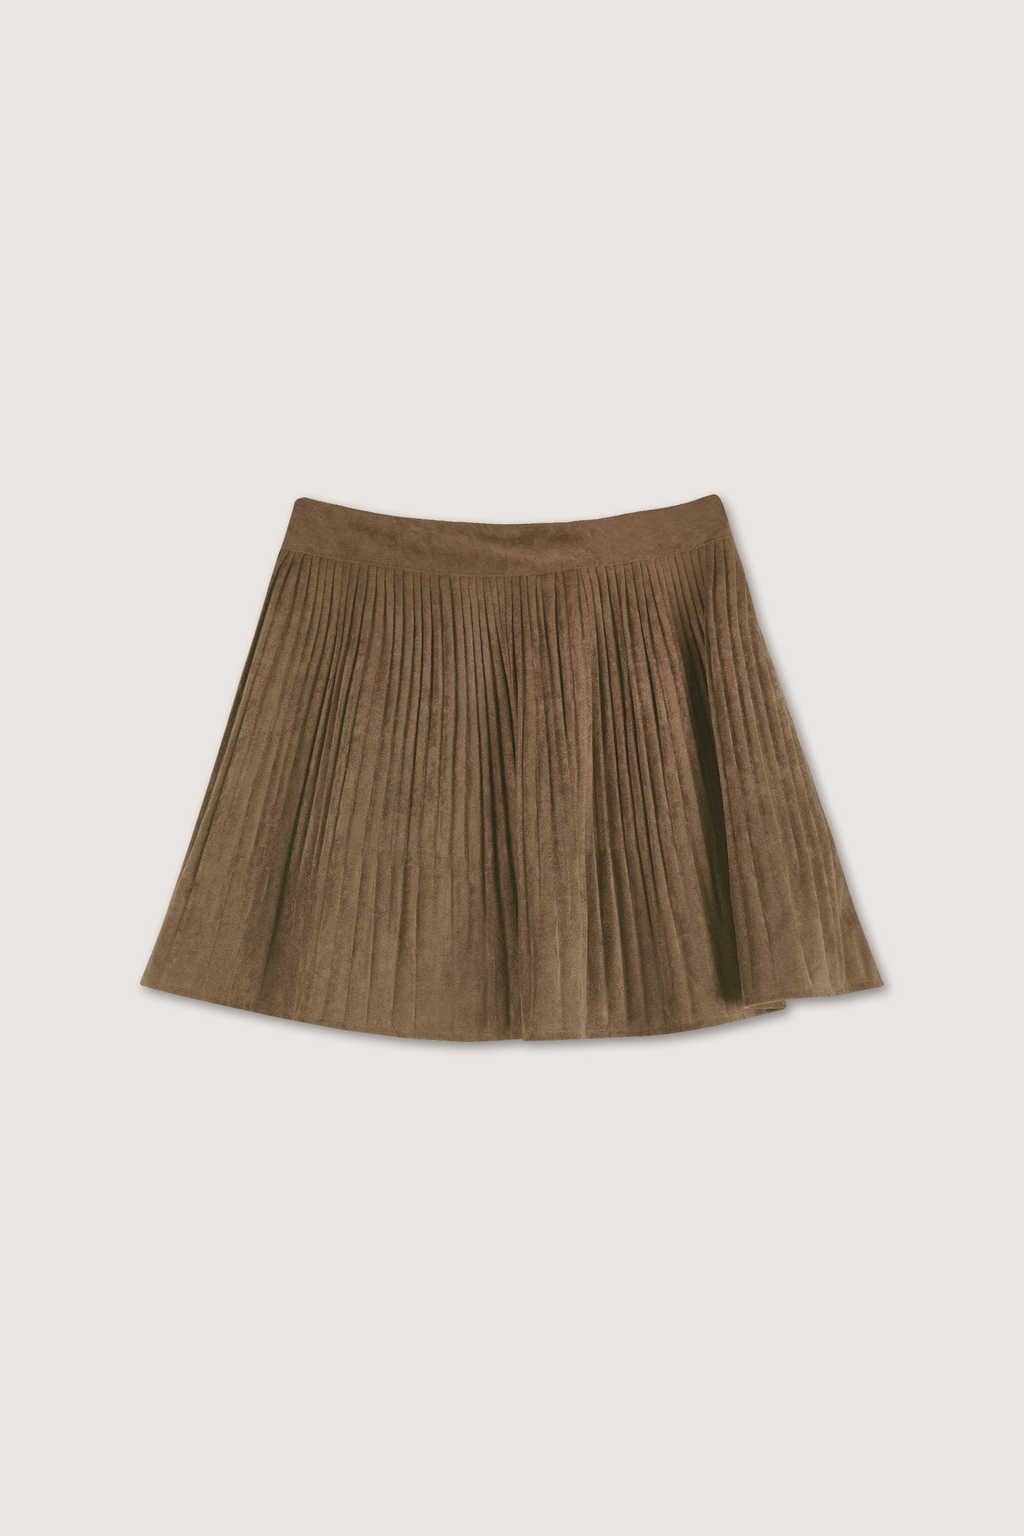 Skirt H153 Brown 9